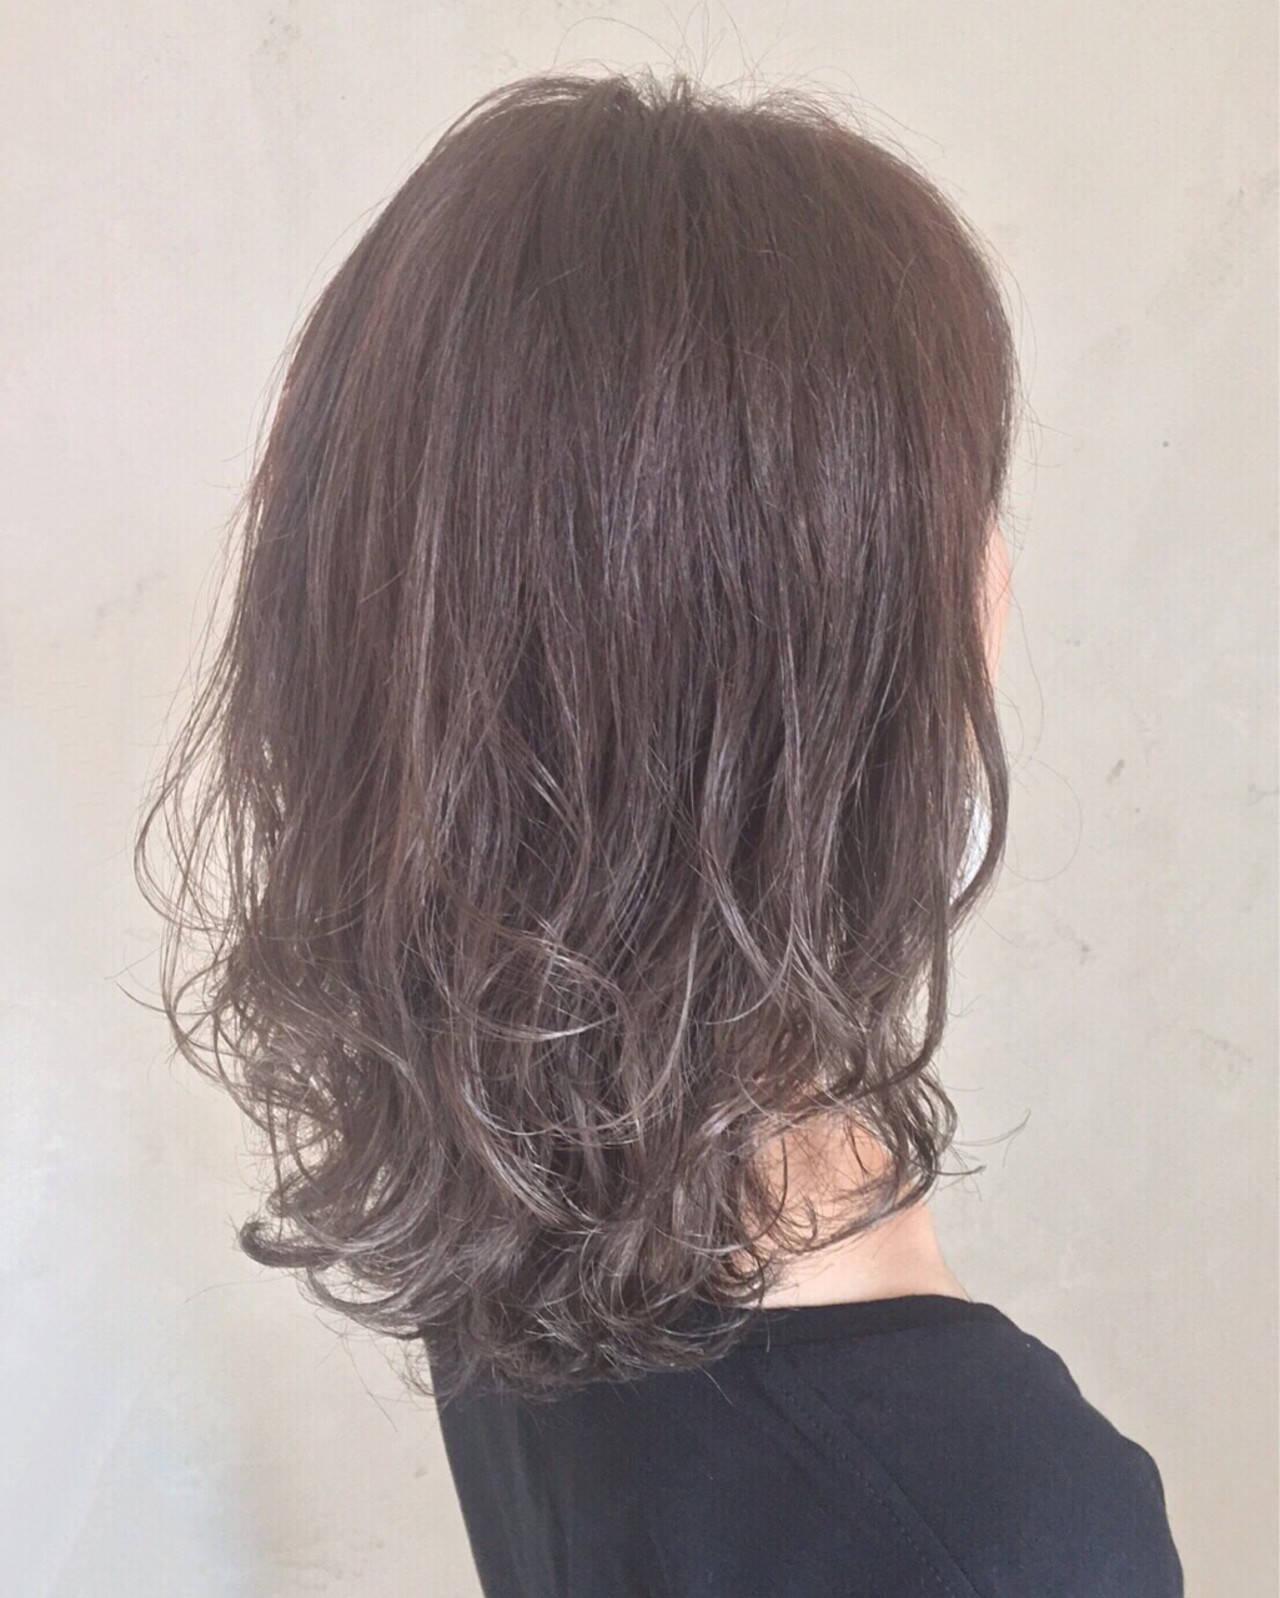 ナチュラル 透明感 グラデーションカラー イルミナカラーヘアスタイルや髪型の写真・画像